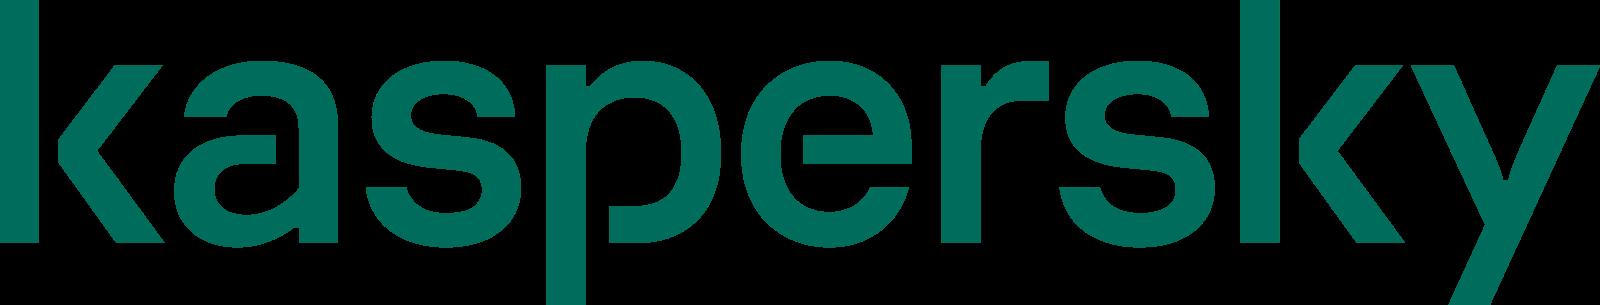 kaspersky logo 2 1 - Kaspersky Logo